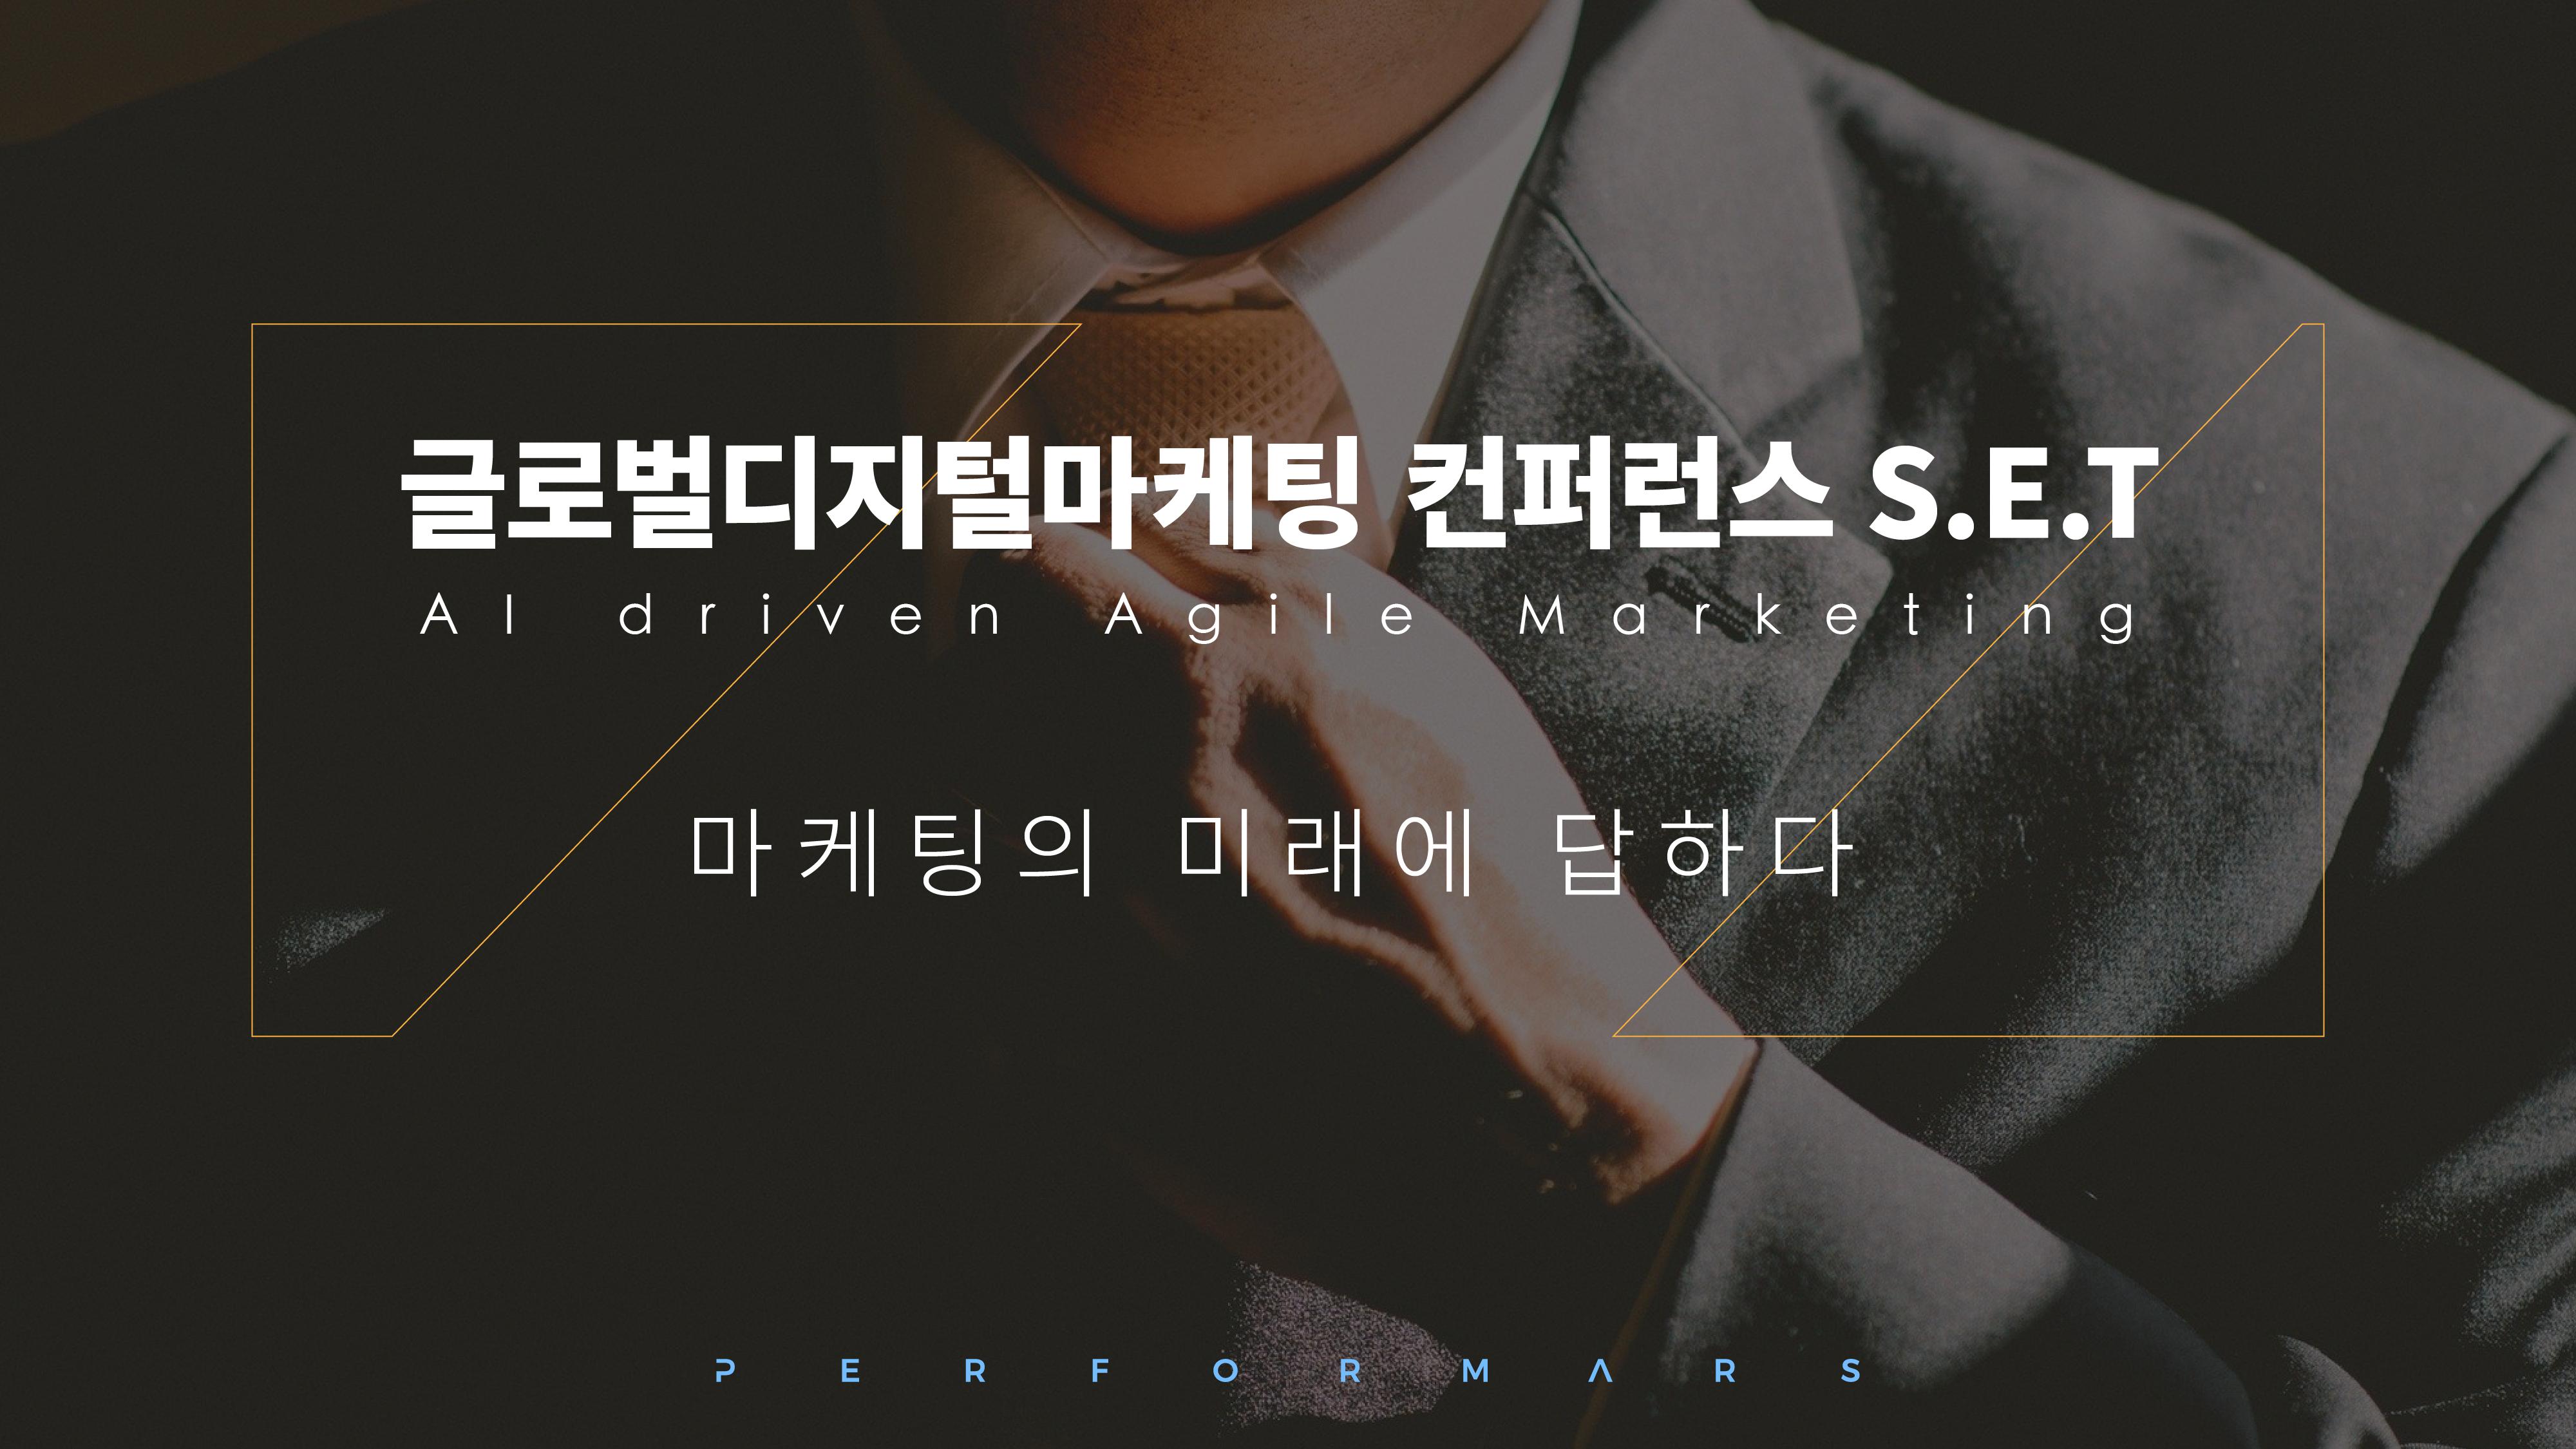 webpage slide image